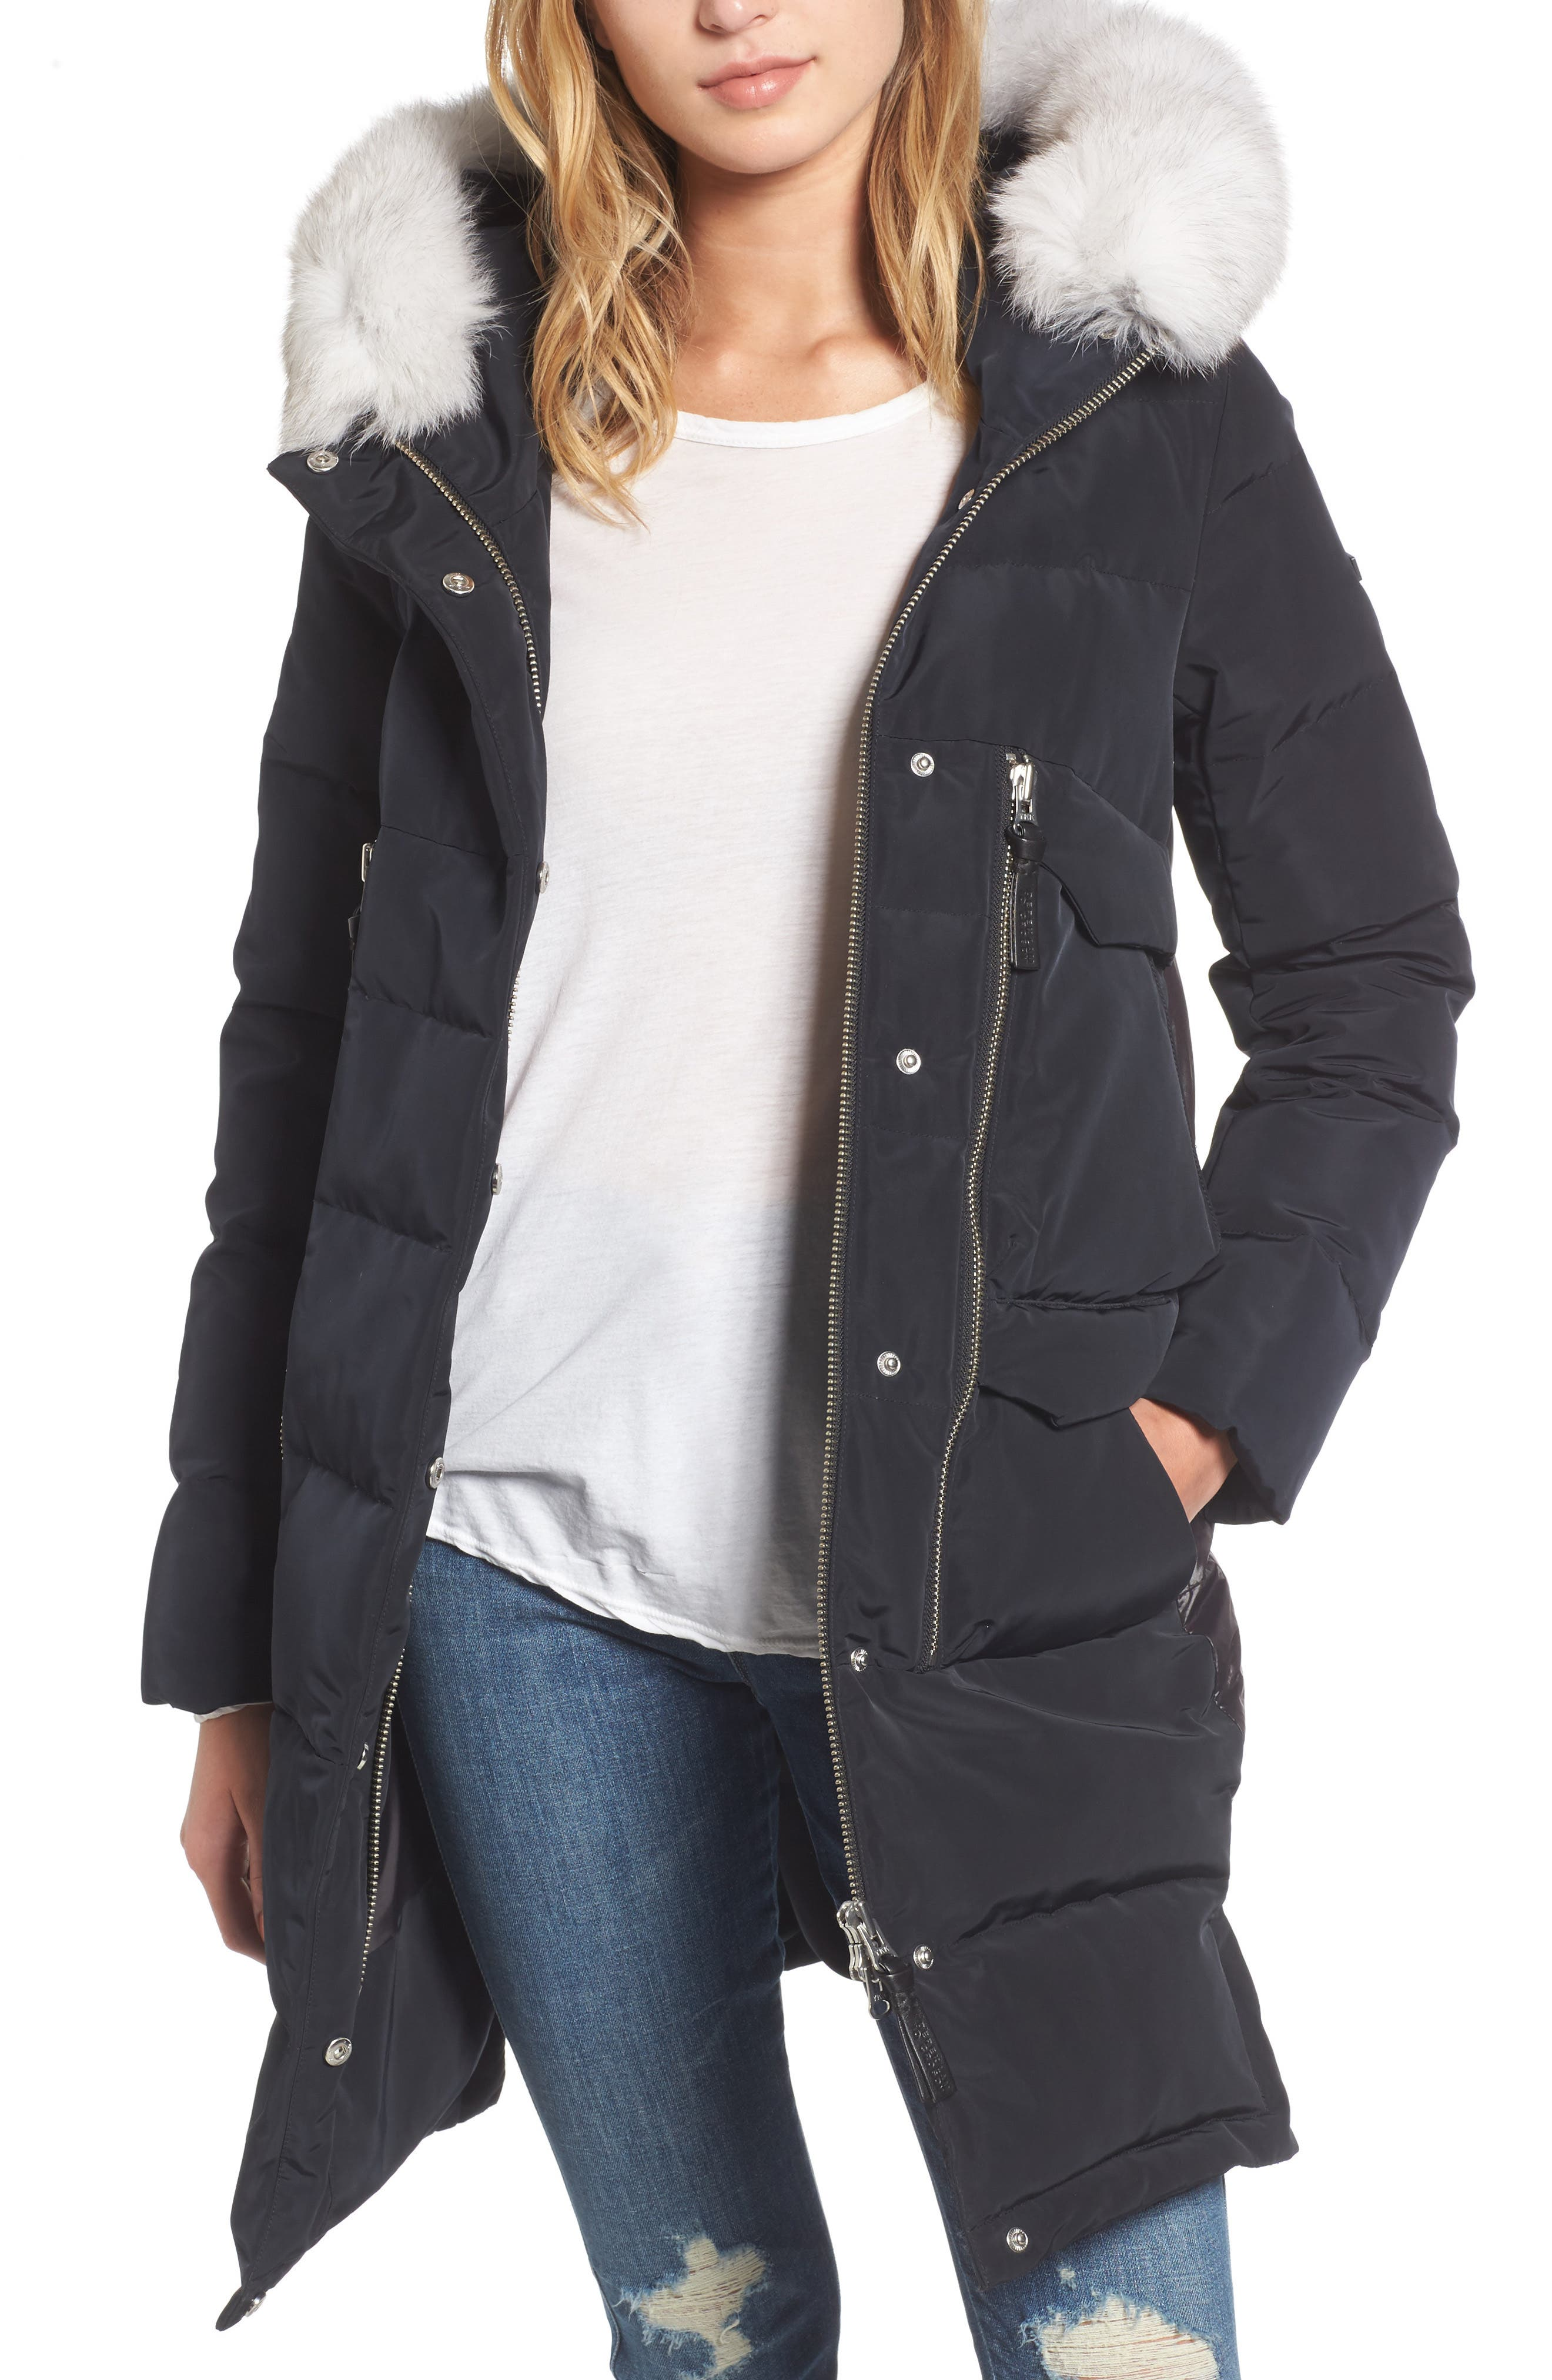 Alternate Image 1 Selected - Derek Lam 10 Crosby Genuine Fox Fur Trim Down Coat